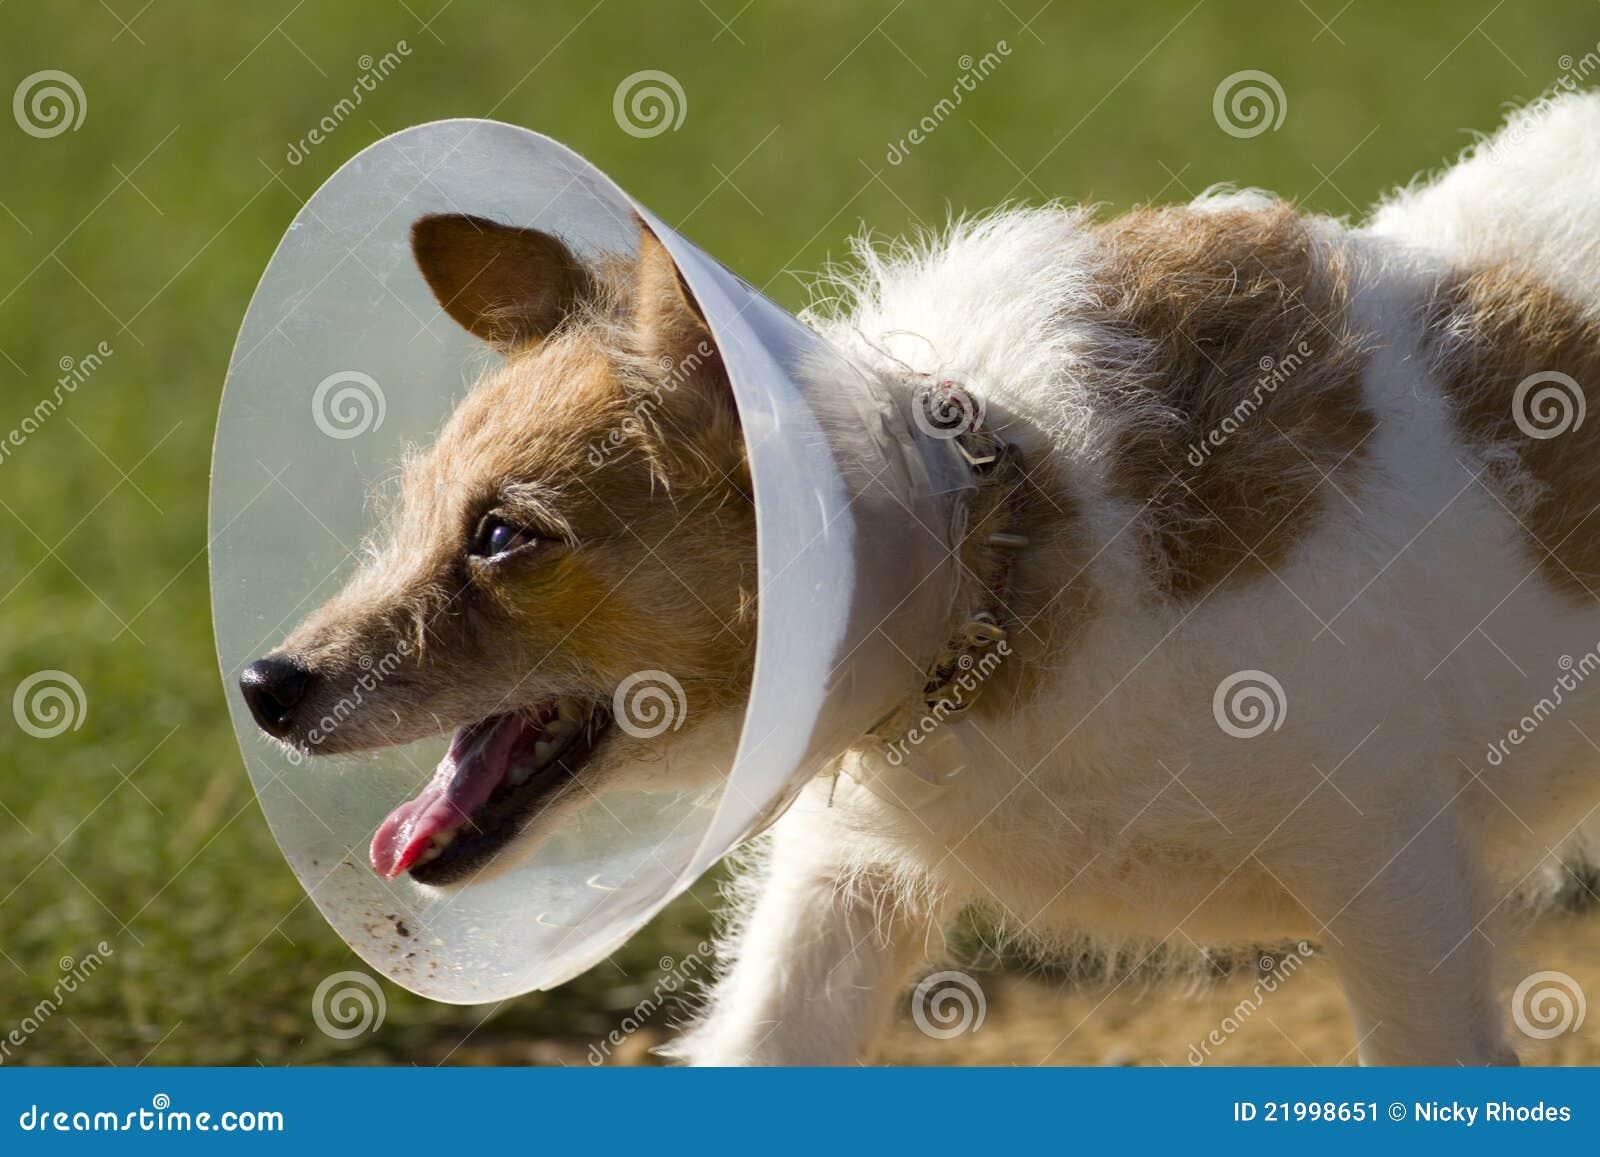 Hund im Stutzen-Kegel-Kragen